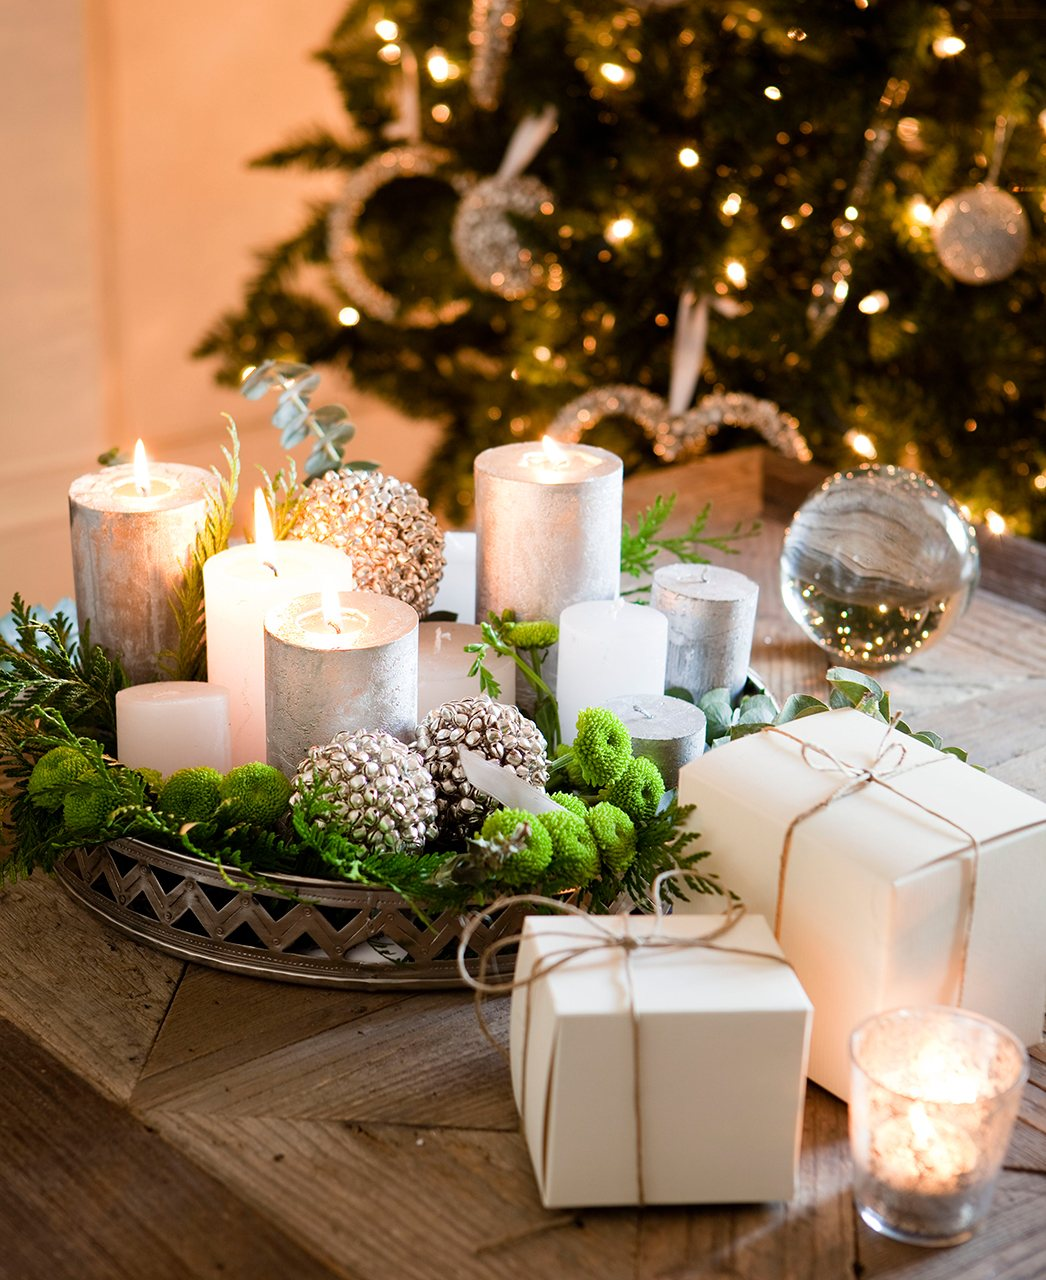 Centros De Navidad Con Pias Y Velas Gallery Of Preparando La Casa - Pias-navidad